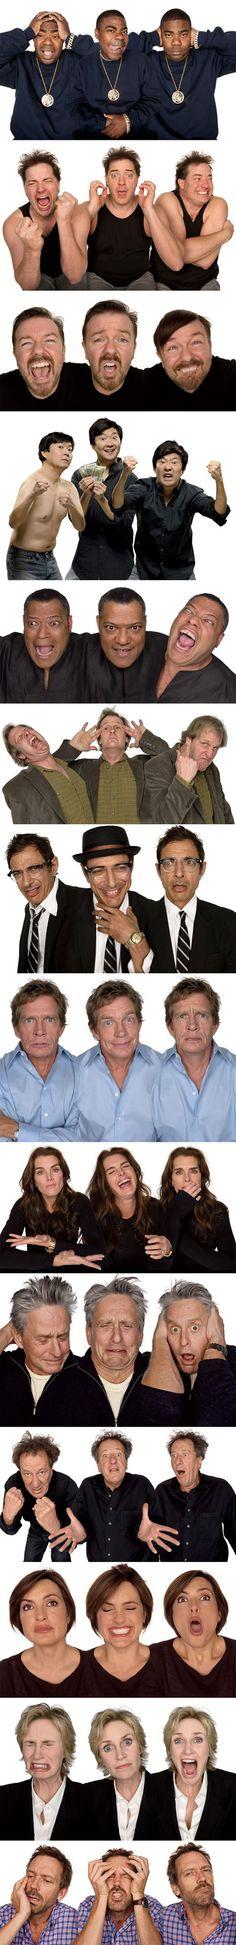 Actors in Character